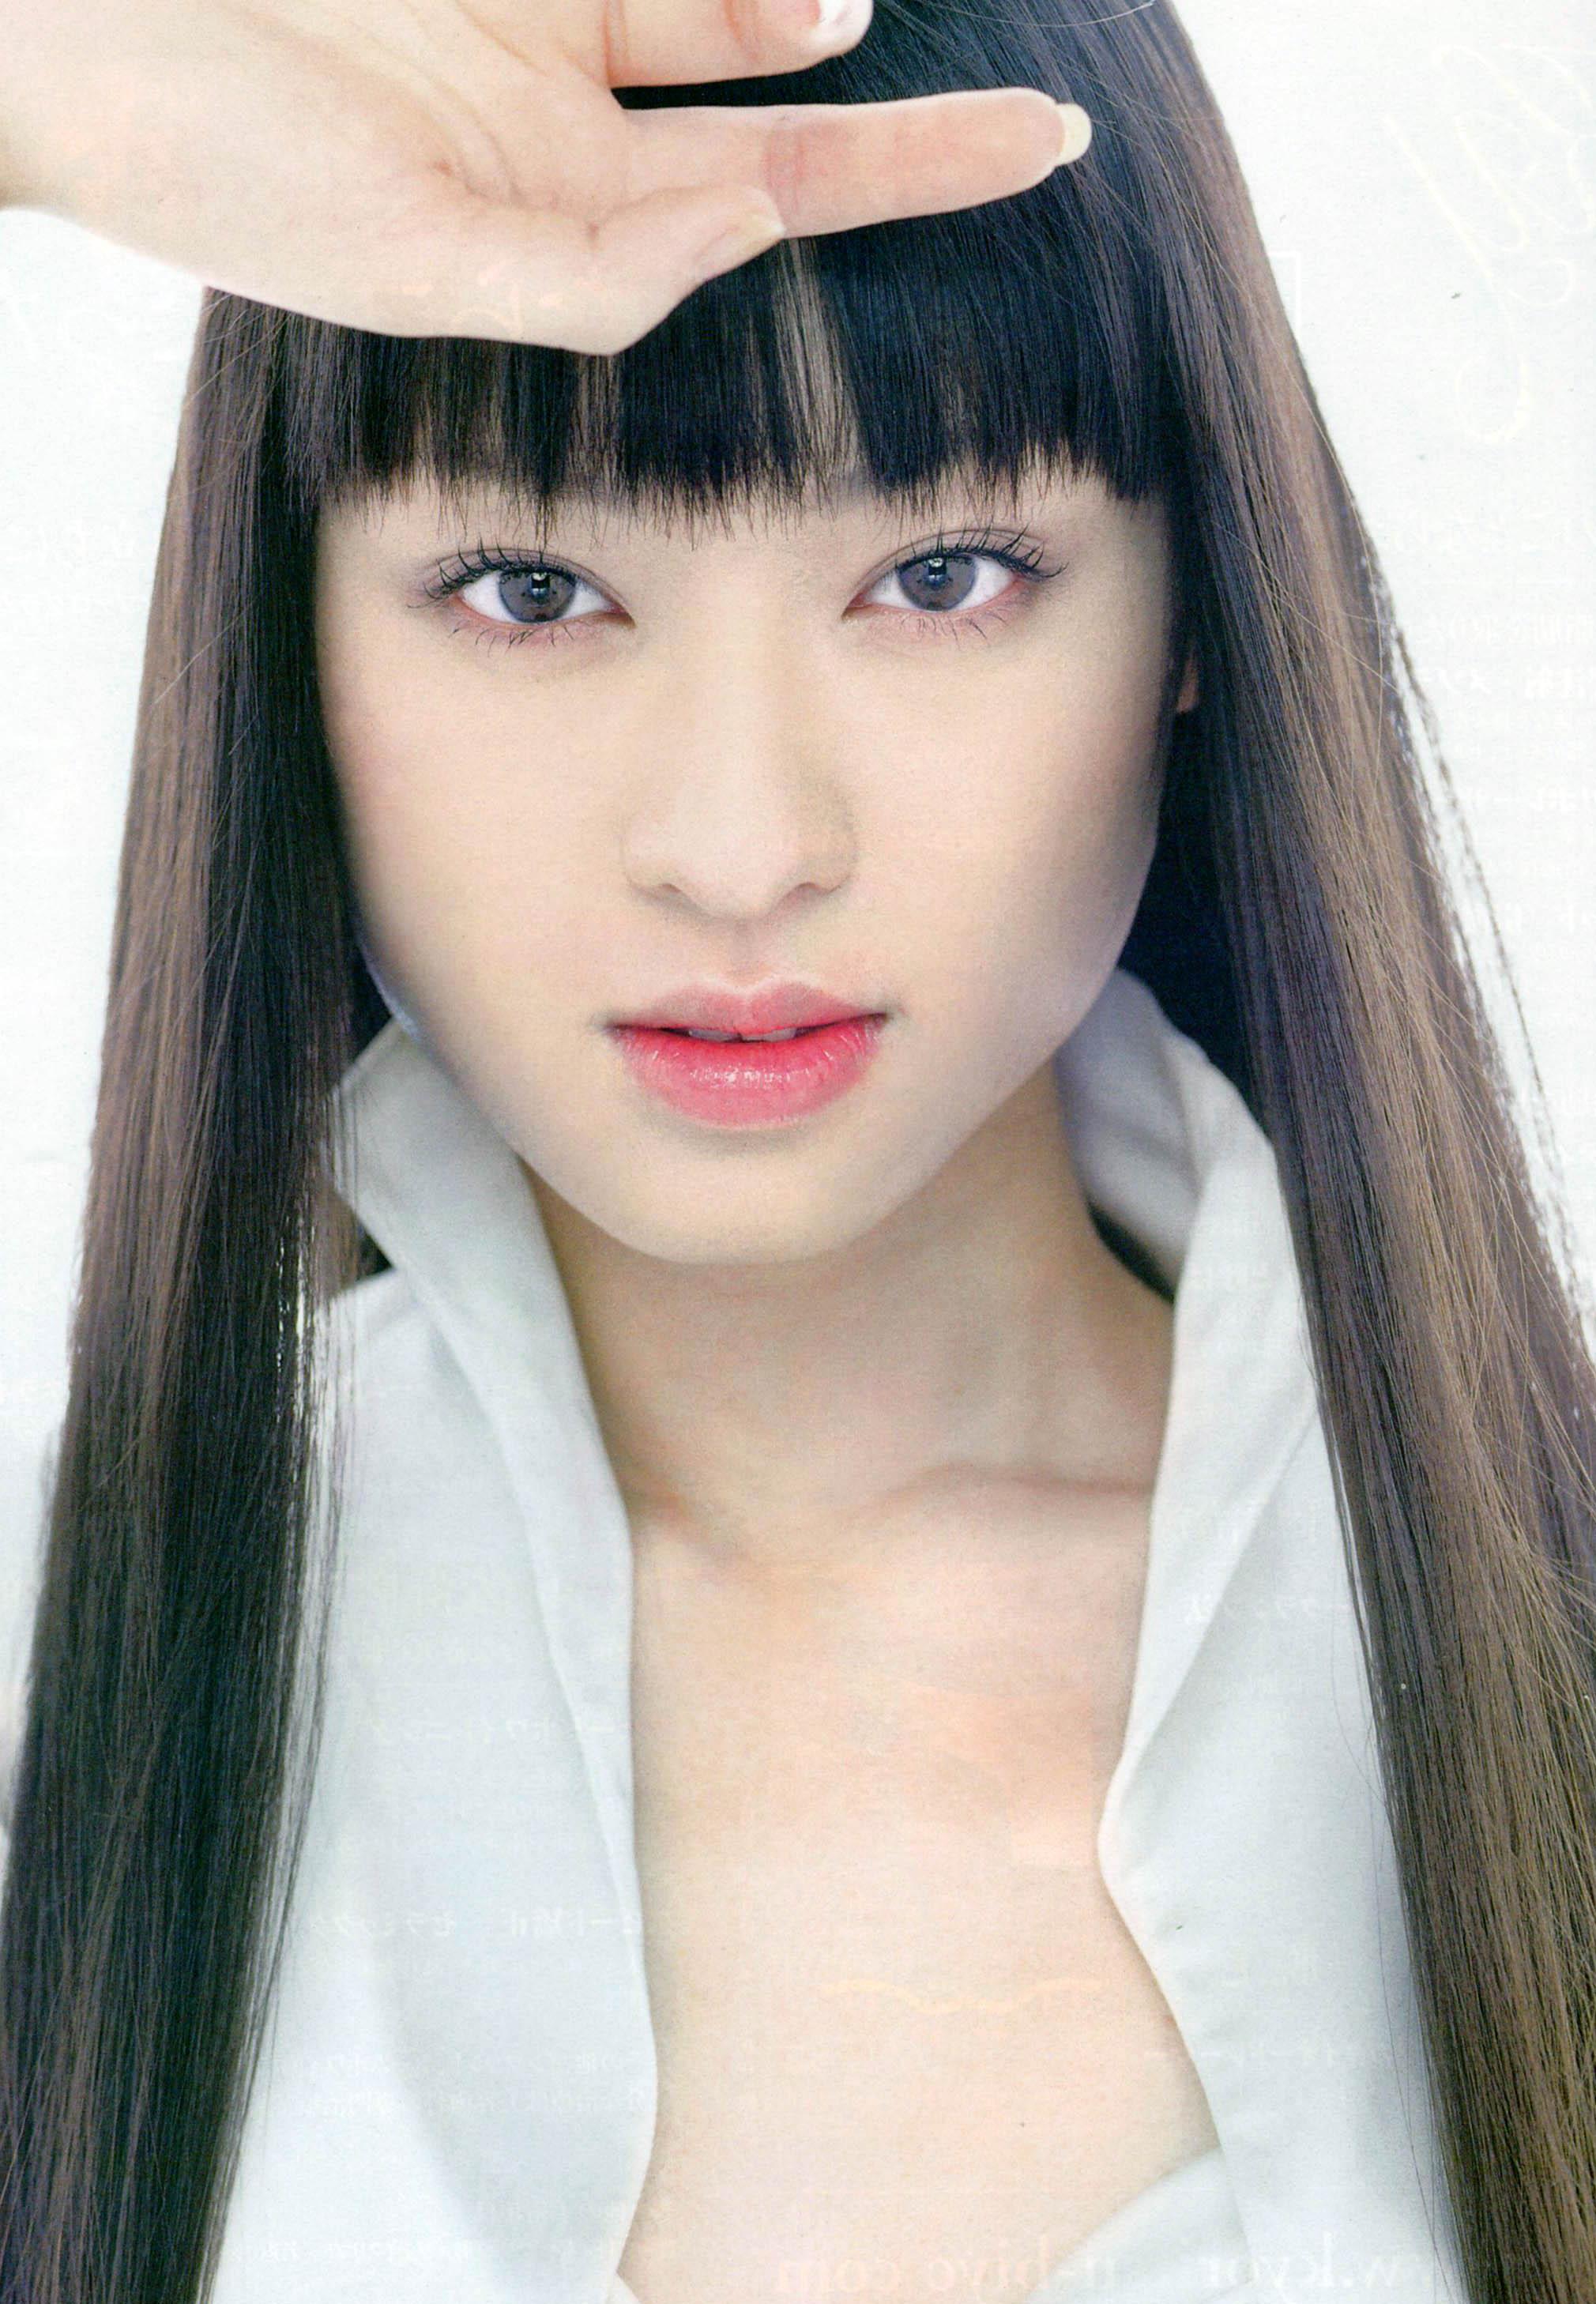 Чиаки Курияма (Chiaki Kuriyama) фото | ThePlace - фотографии ...